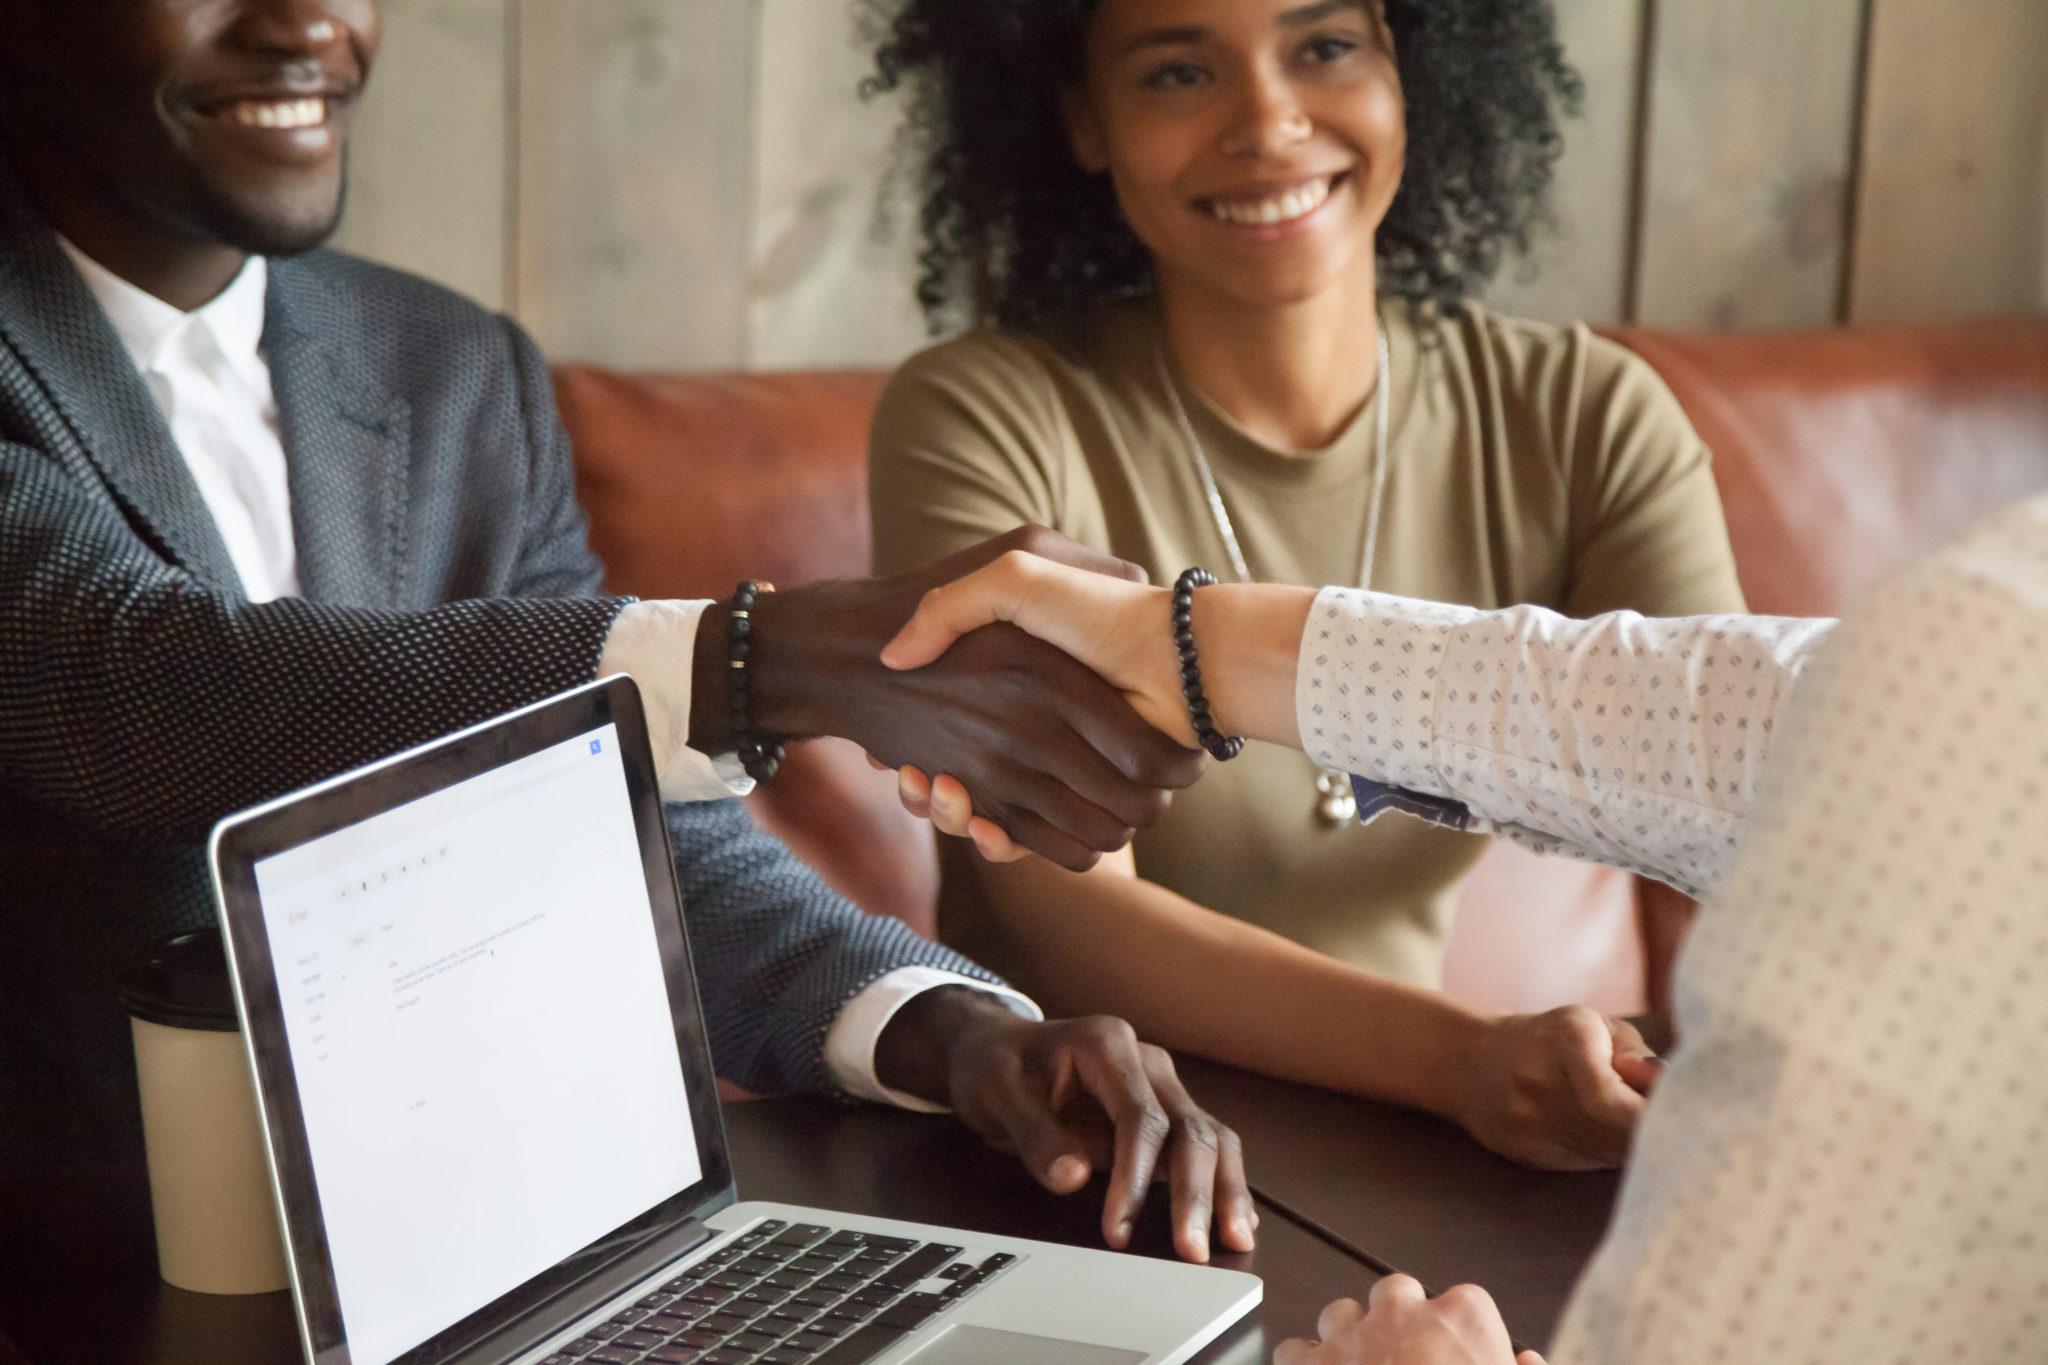 Depuis l'implémentation du GDPR, 31% des consommateurs estiment que leur expérience globale avec les entreprises s'est améliorée